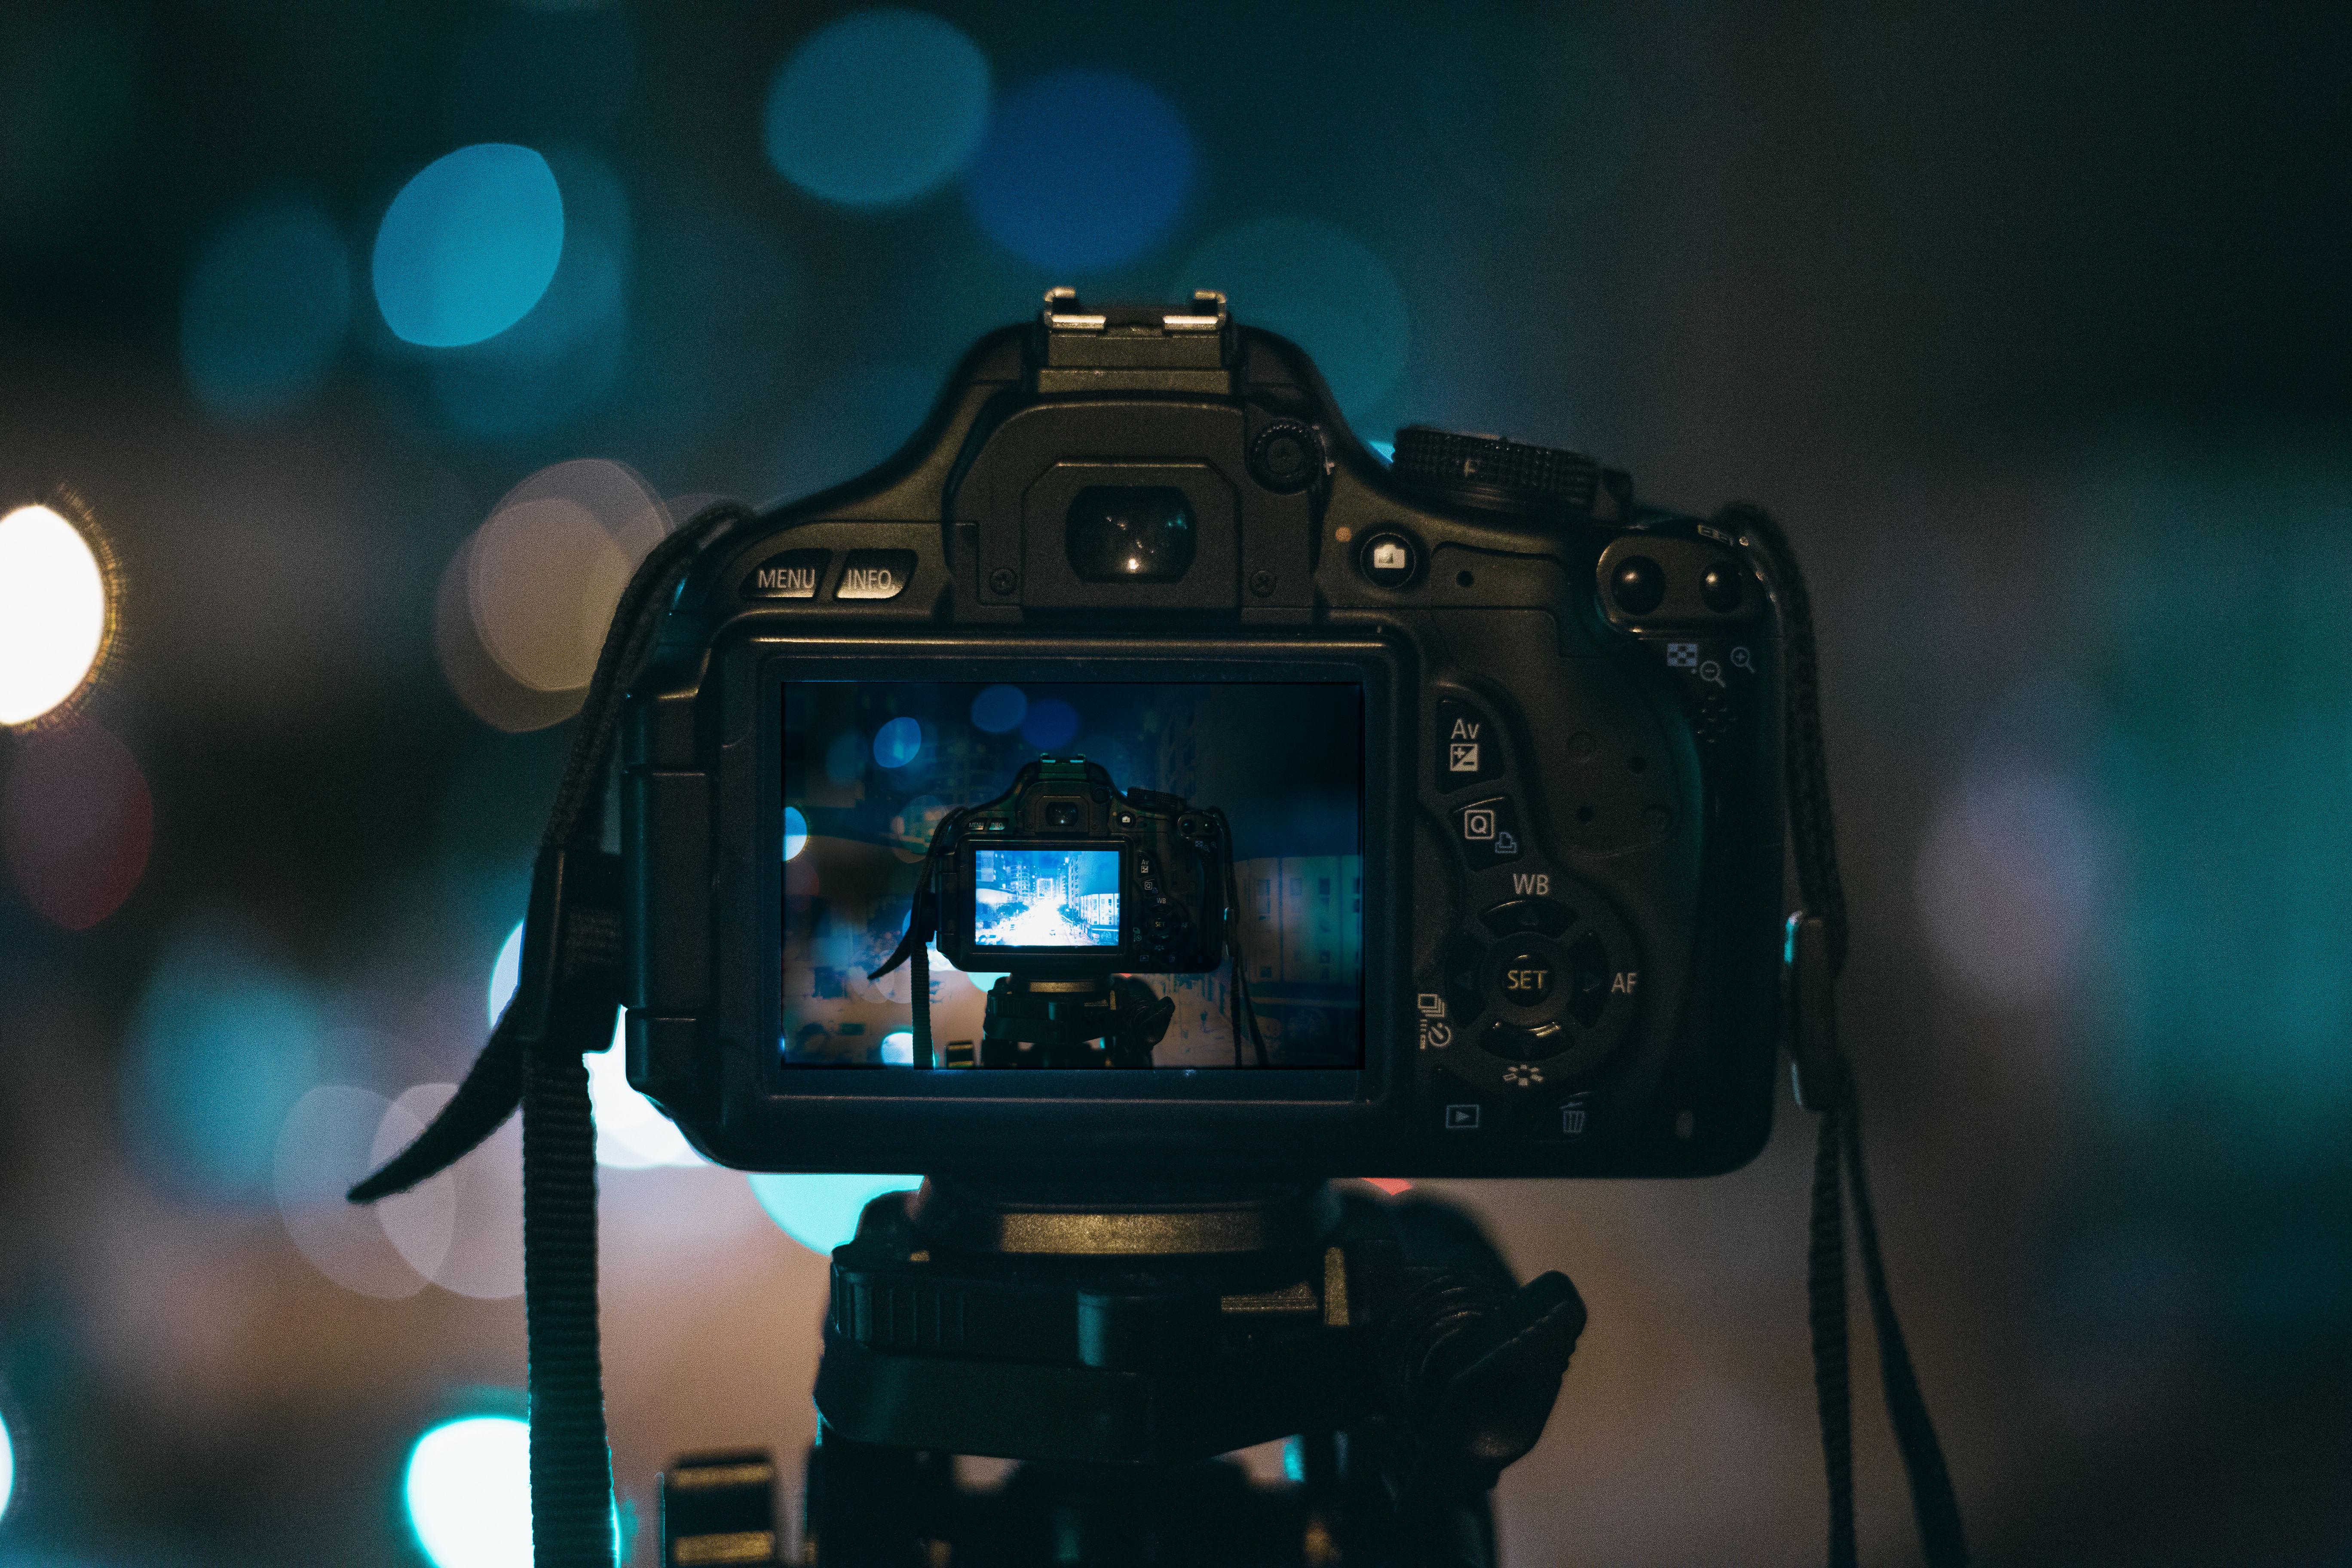 представляет собой как фоткать красиво ночью на фотоаппарат групп